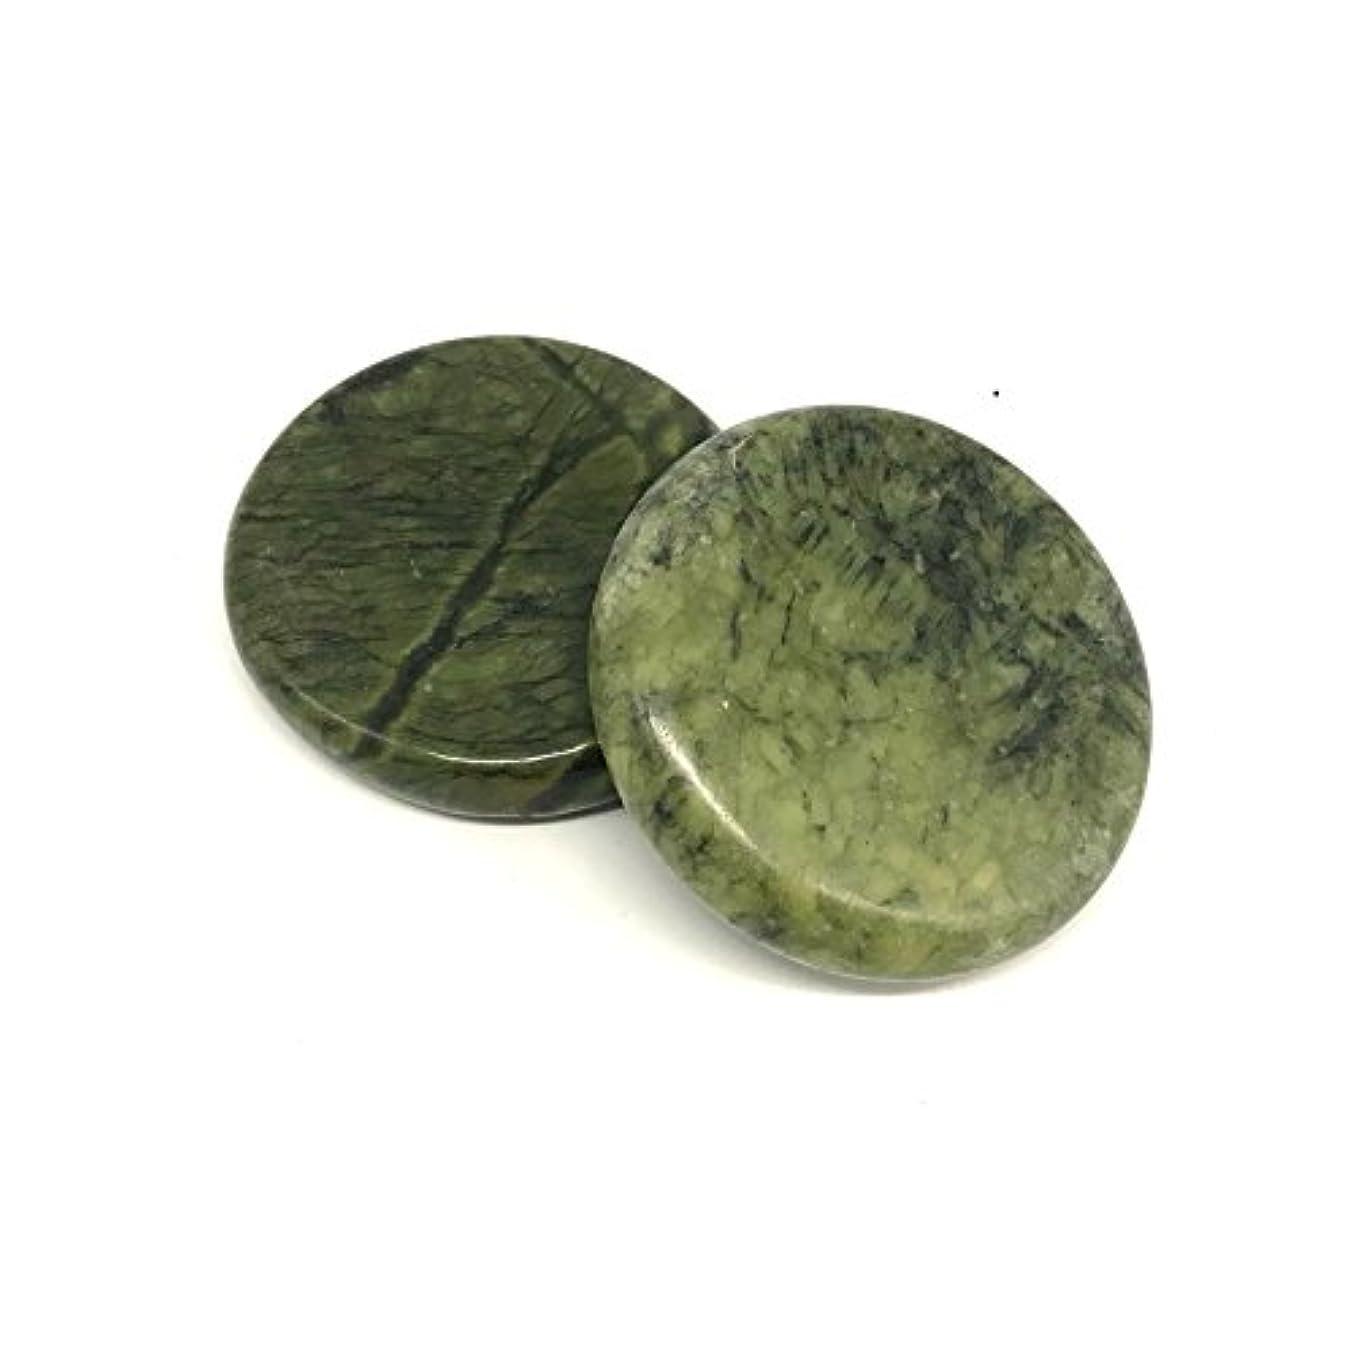 豊かにする軽量百オリーブ玉翡翠ホットストン 足つぼ・手のひら かっさ Natural Green Jade Stone hot stone for body massage Spa massage tools (L 2 点PCS) (3.14...